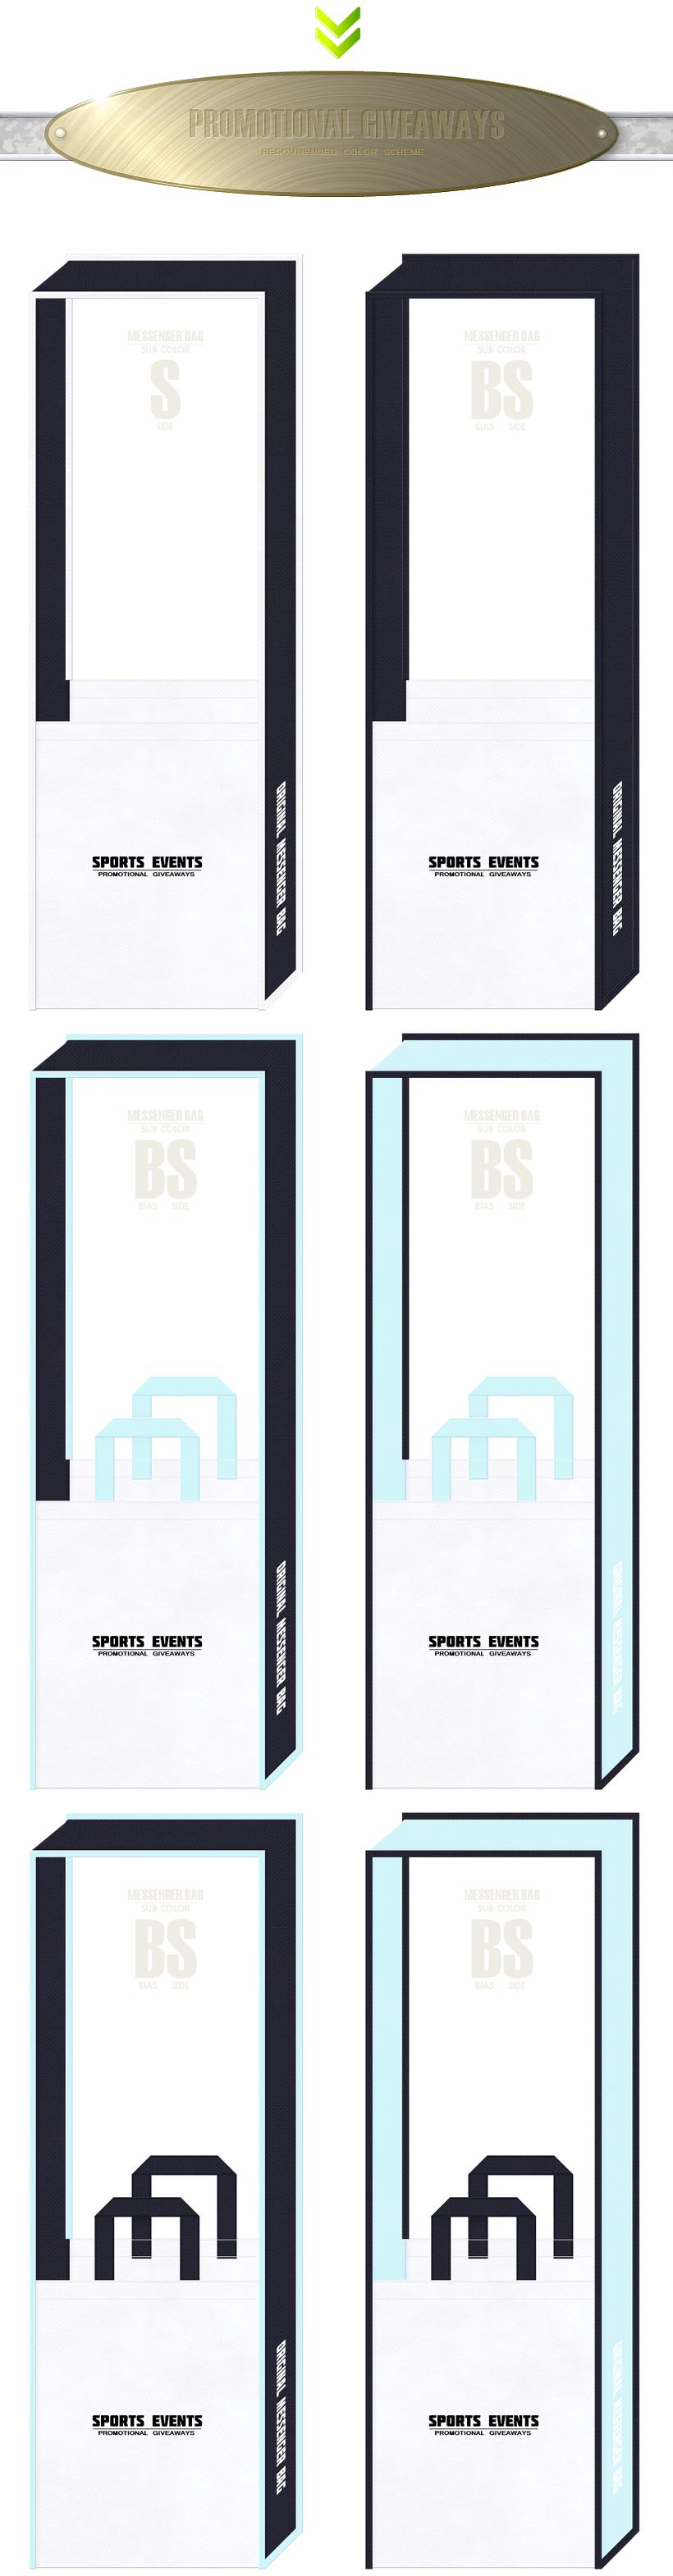 白色と濃紺色をメインに使用した、不織布メッセンジャーバッグのカラーシミュレーション:スポーツイベントのノベルティ